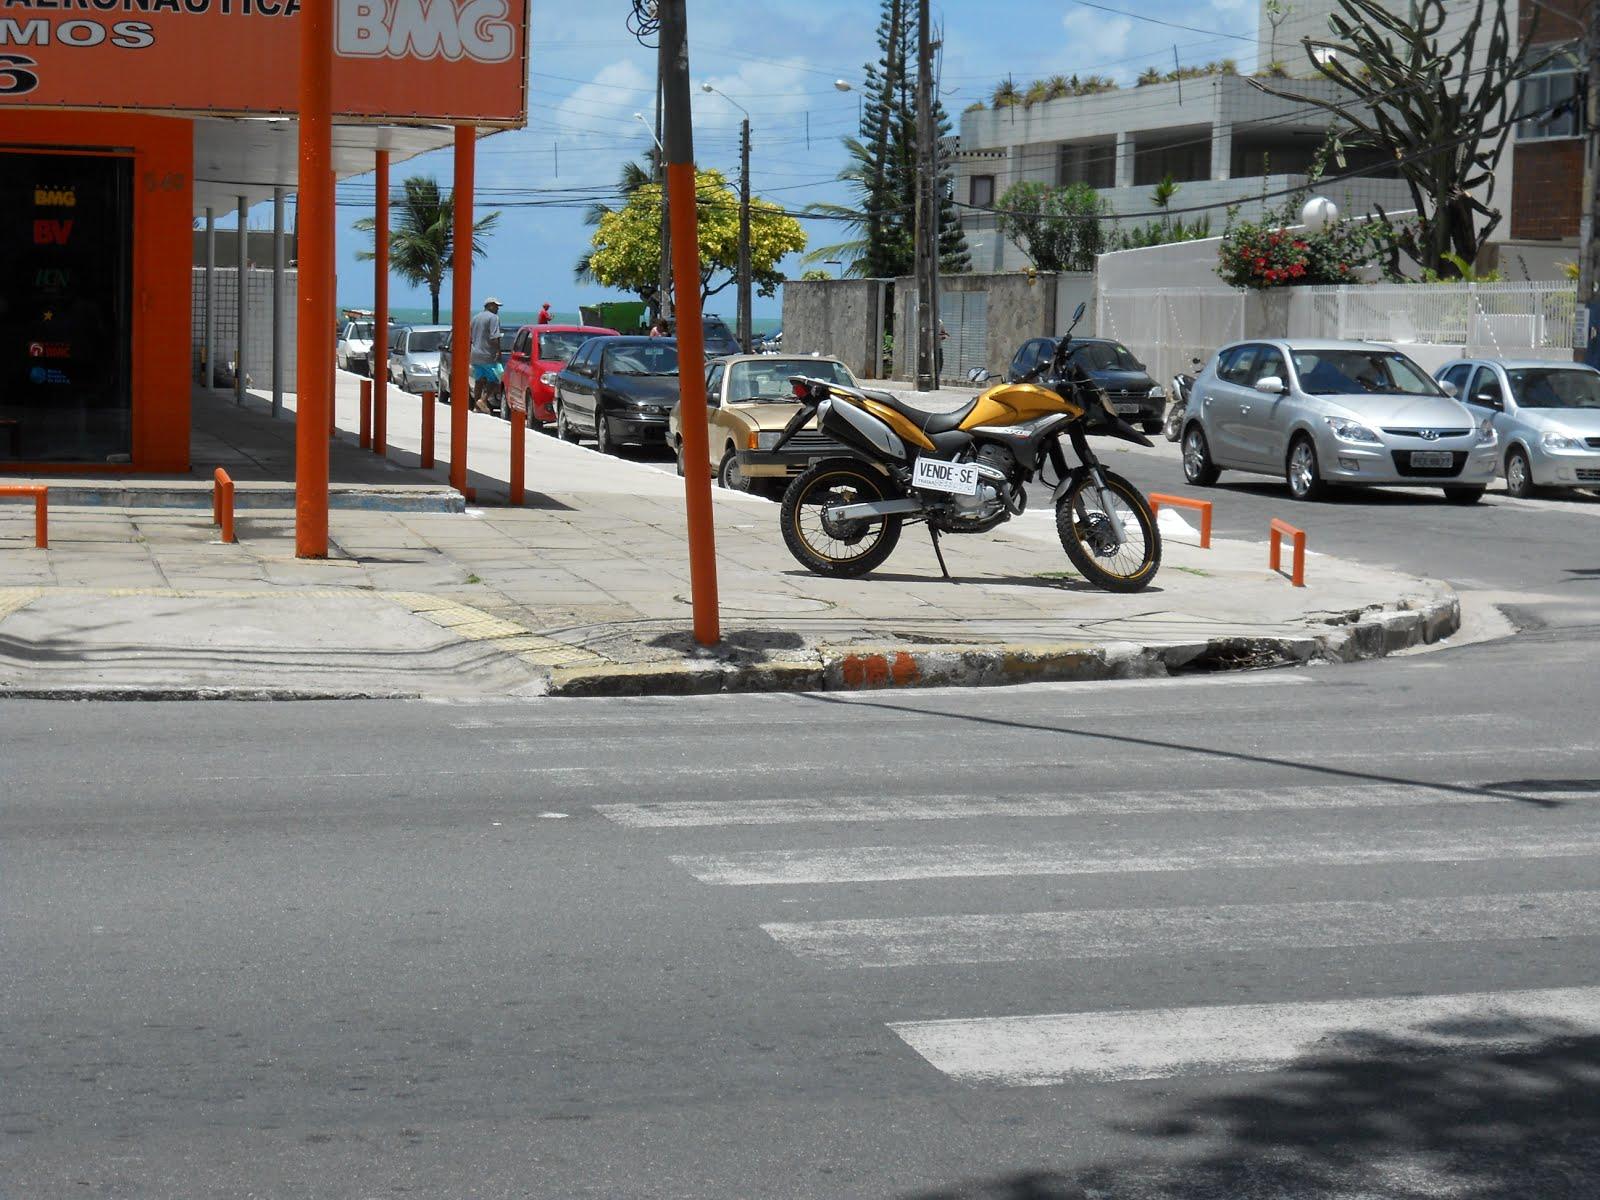 F L A G R A N T E: MOTO EM CIMA CALÇADA